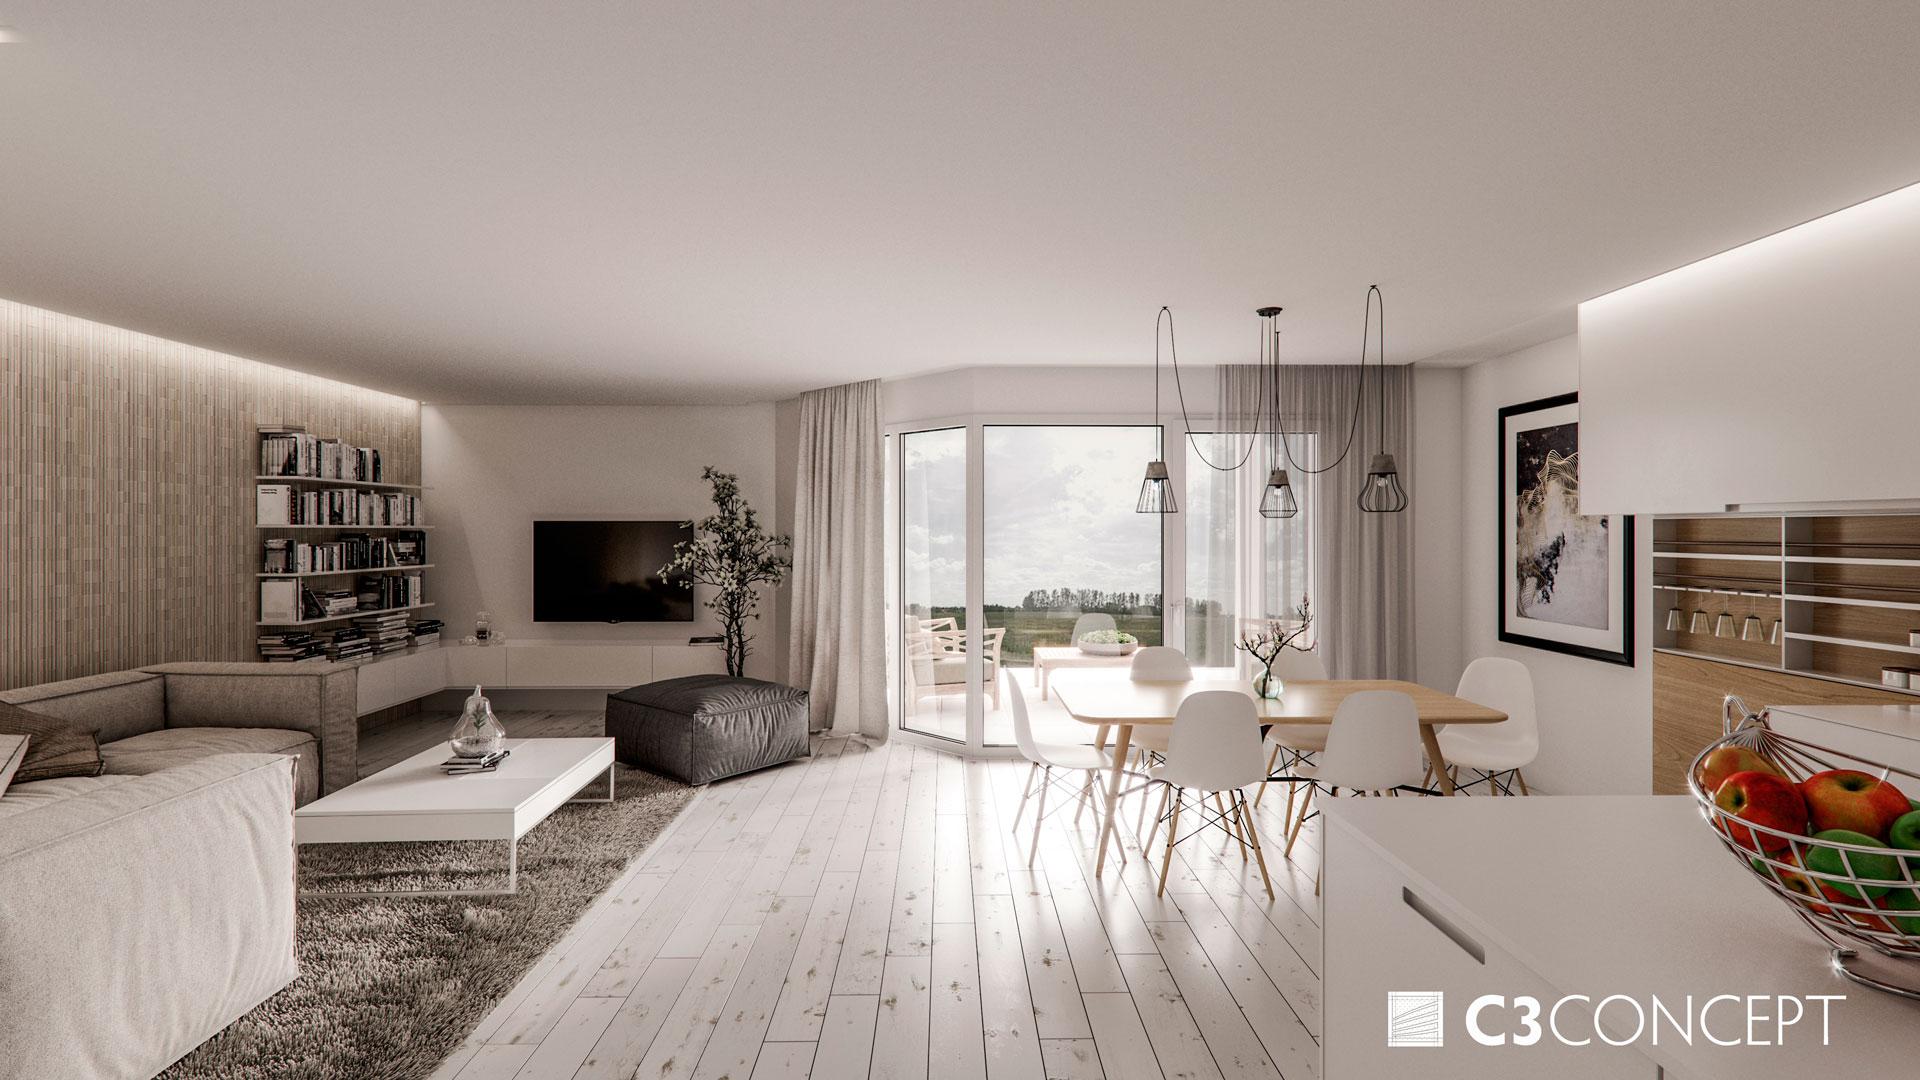 C3 Concept, visualisation 3D architecture à Bulle. Riaz intérieur